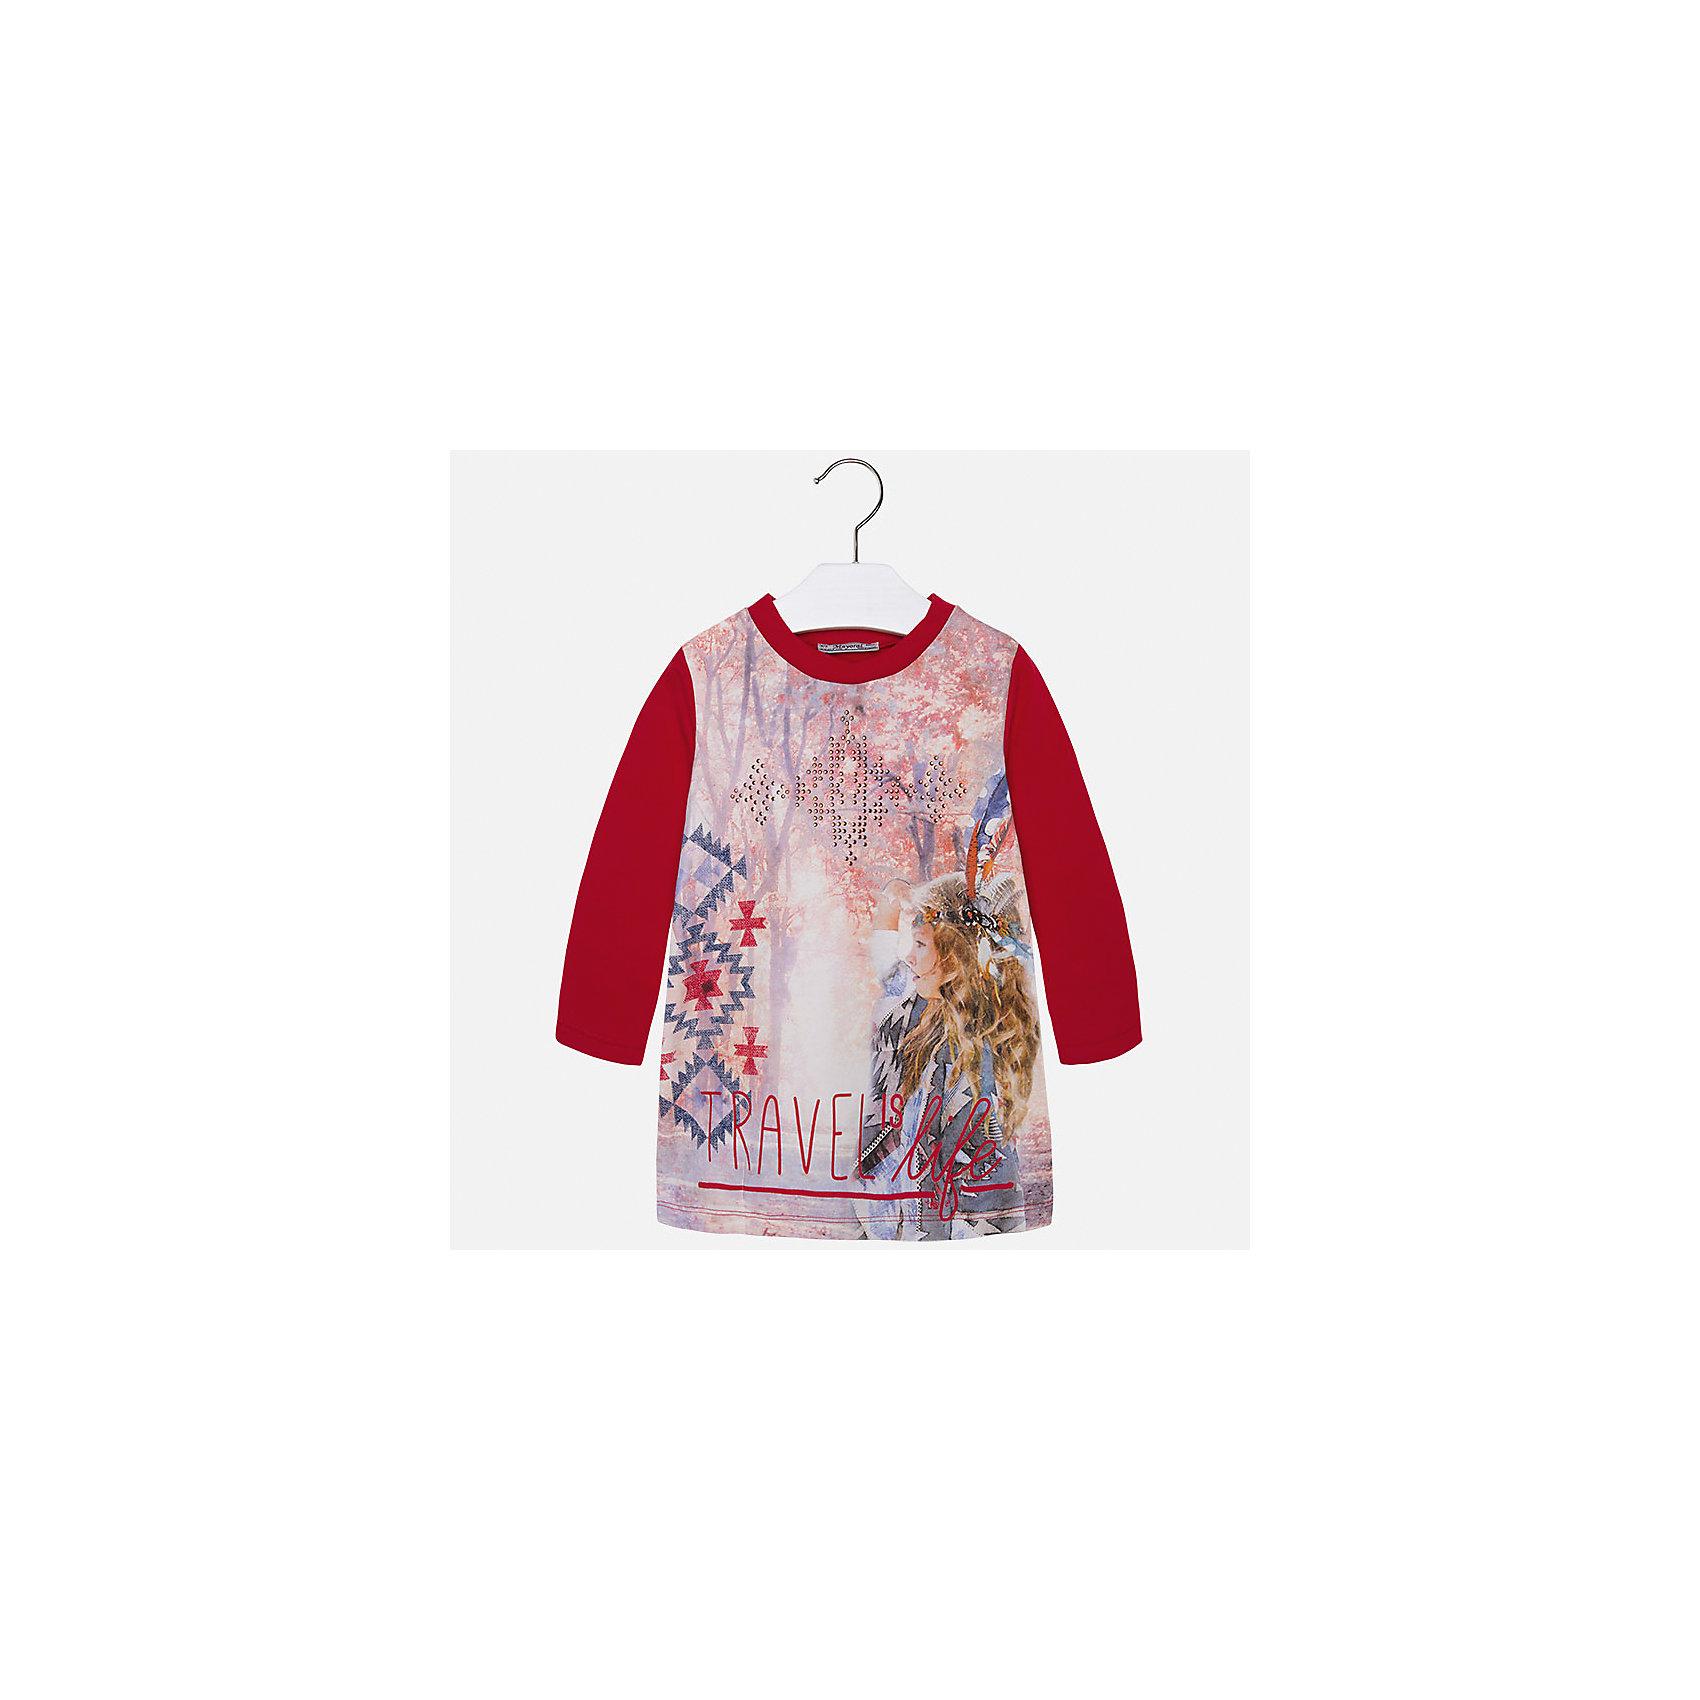 Платье для девочки MayoralПлатья и сарафаны<br>Яркой платье Mayoral для ярких дней и стильных модниц! Модель комбинированной расцветки оформлена актуальным принтом и металлическими бусинками на груди. Платье выполнено из мягкого хлопка с добавлением нитей эластана, прекрасно смотрится на фигуре и очень приятно к телу. <br><br>Дополнительная информация:<br><br>- Мягкий трикотажный материал. <br>- Округлый вырез горловины. <br>- Длинный рукав.<br>- Горловина в рубчик.<br>- Оригинальный принт спереди. <br>Состав:<br>- 95% хлопок, 5% эластан.<br><br>Платье для девочки Mayoral (Майорал), красное, можно купить в нашем магазине.<br><br>Ширина мм: 236<br>Глубина мм: 16<br>Высота мм: 184<br>Вес г: 177<br>Цвет: красный<br>Возраст от месяцев: 60<br>Возраст до месяцев: 72<br>Пол: Женский<br>Возраст: Детский<br>Размер: 116,128,122,110,104,92,134,98<br>SKU: 4844986